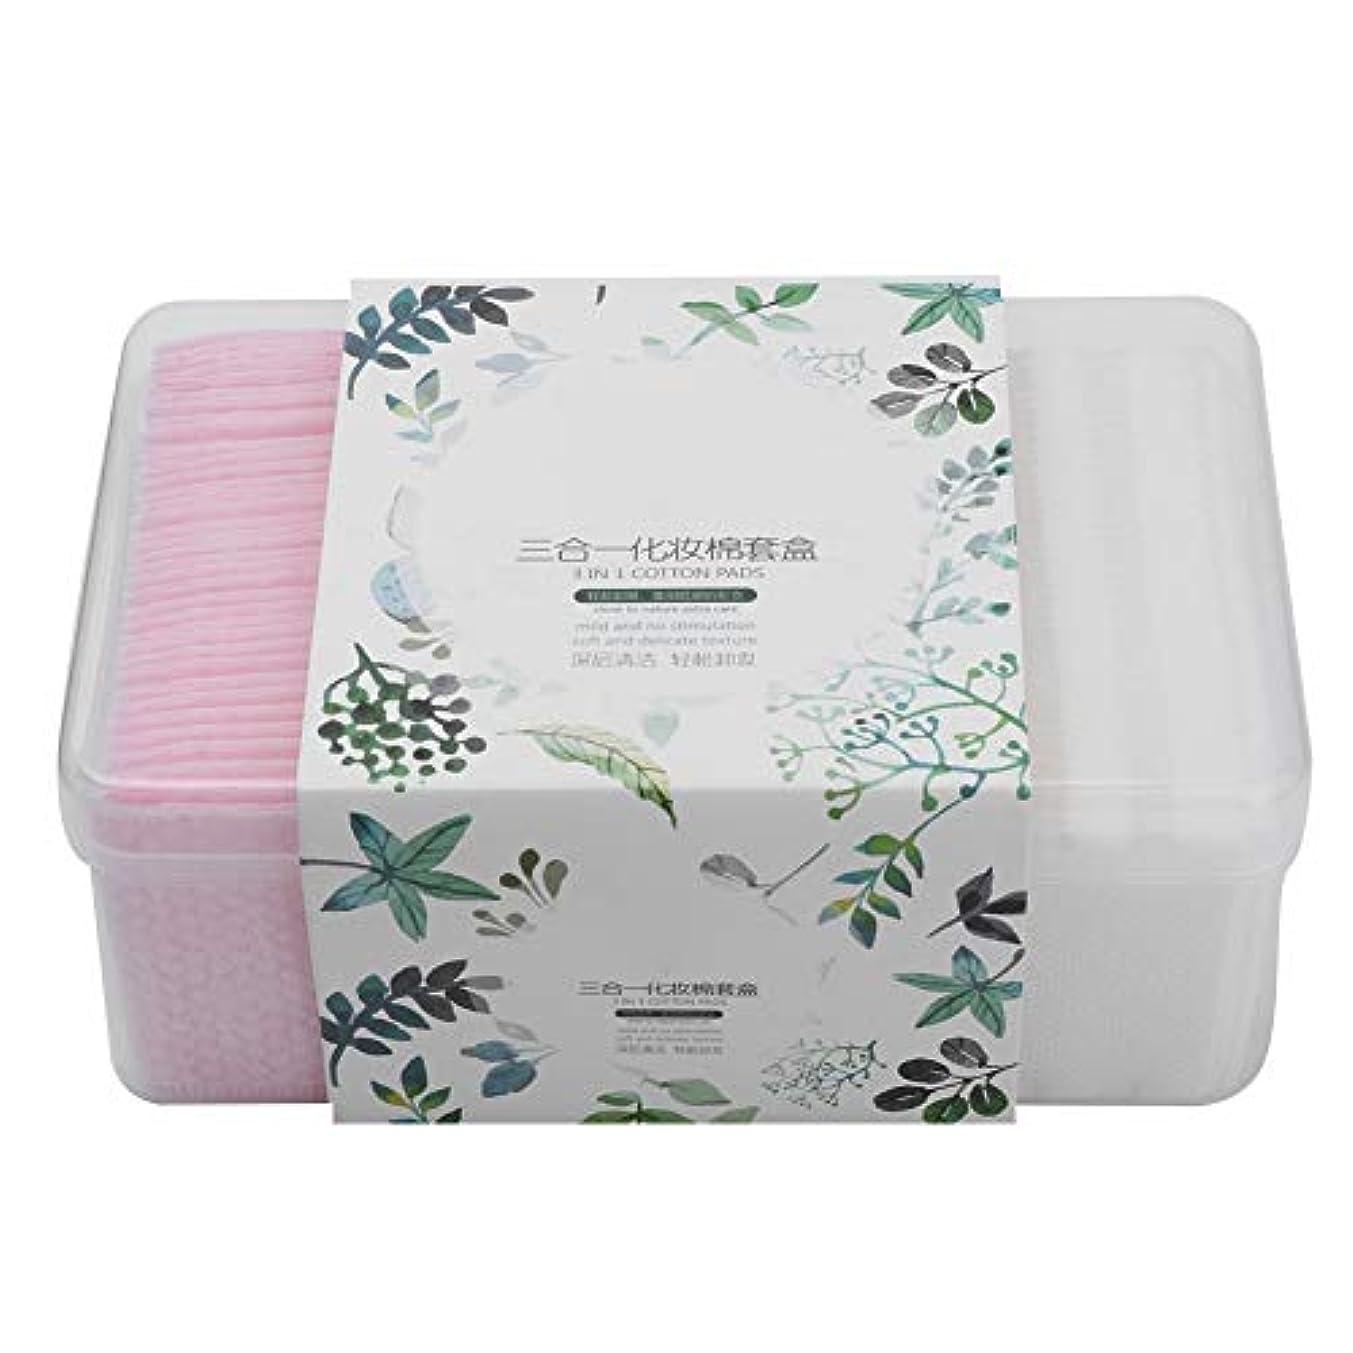 法令シリンダー証明書280Pcs /箱の構造の綿パッド、スキンケアの構造の除去剤のための顔の清潔になる綿および他の事は拭きます